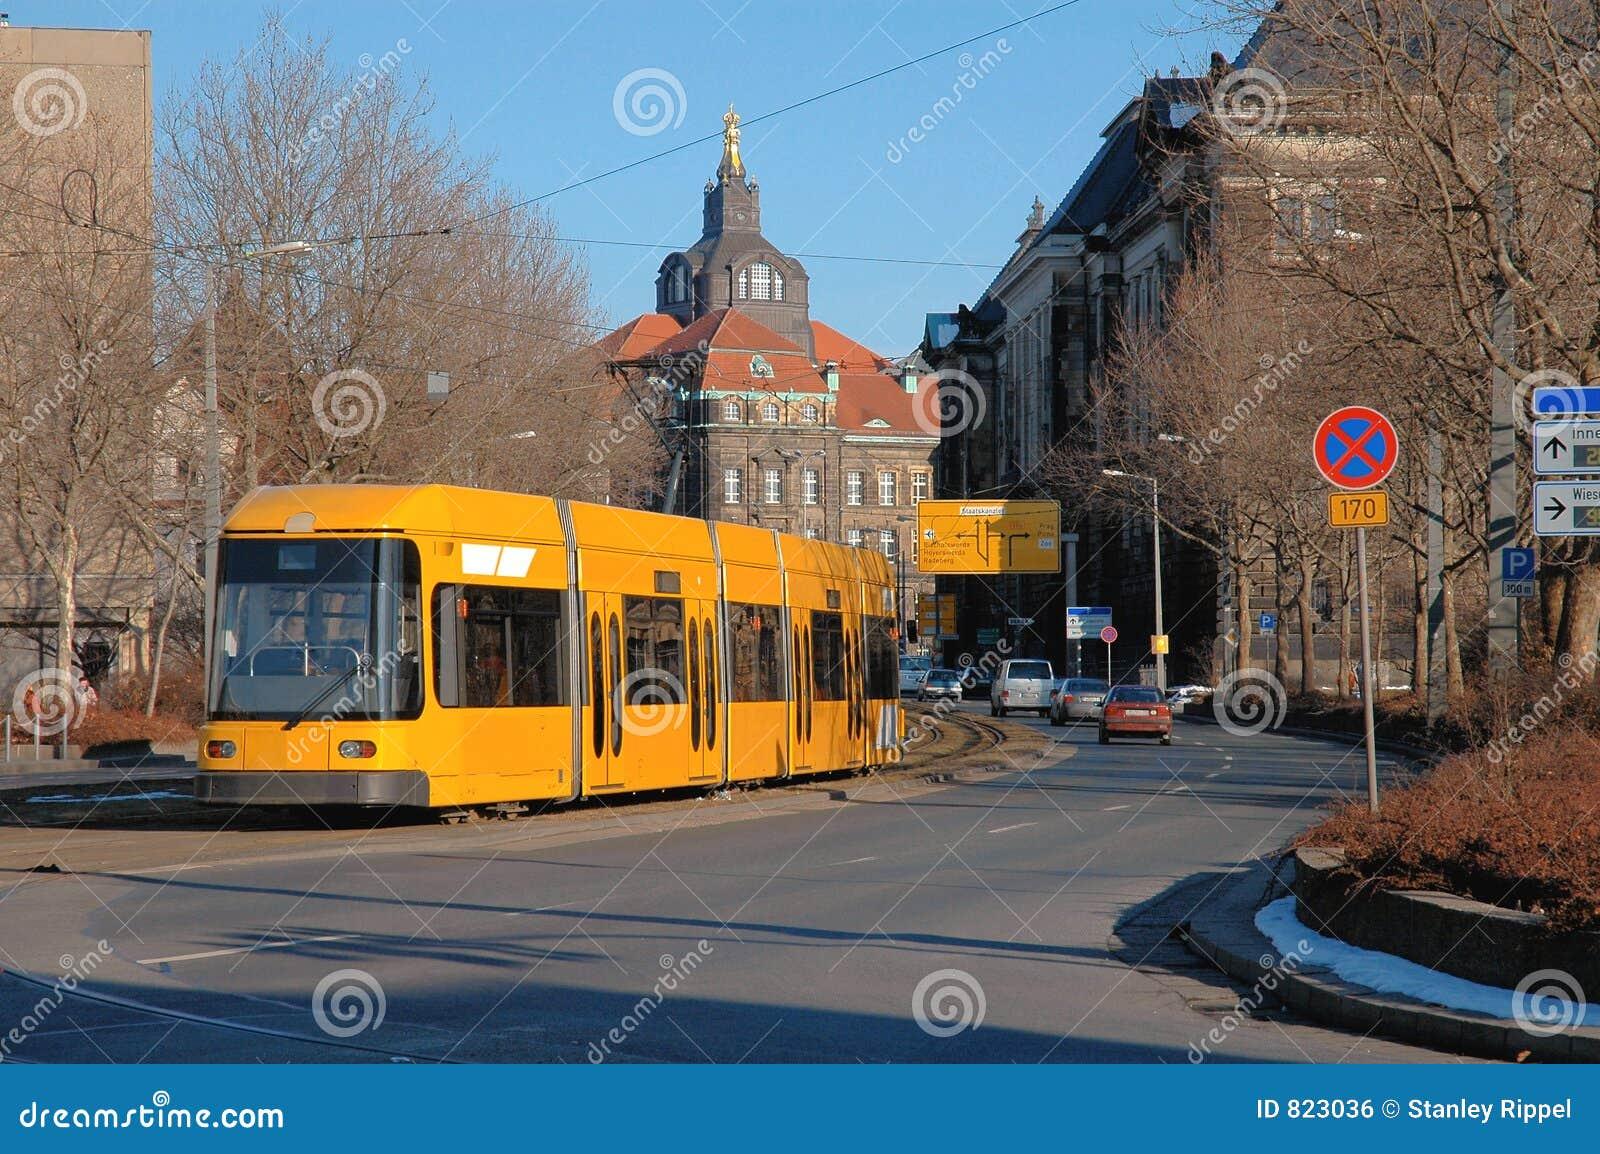 Trolley In Dresden, Germany